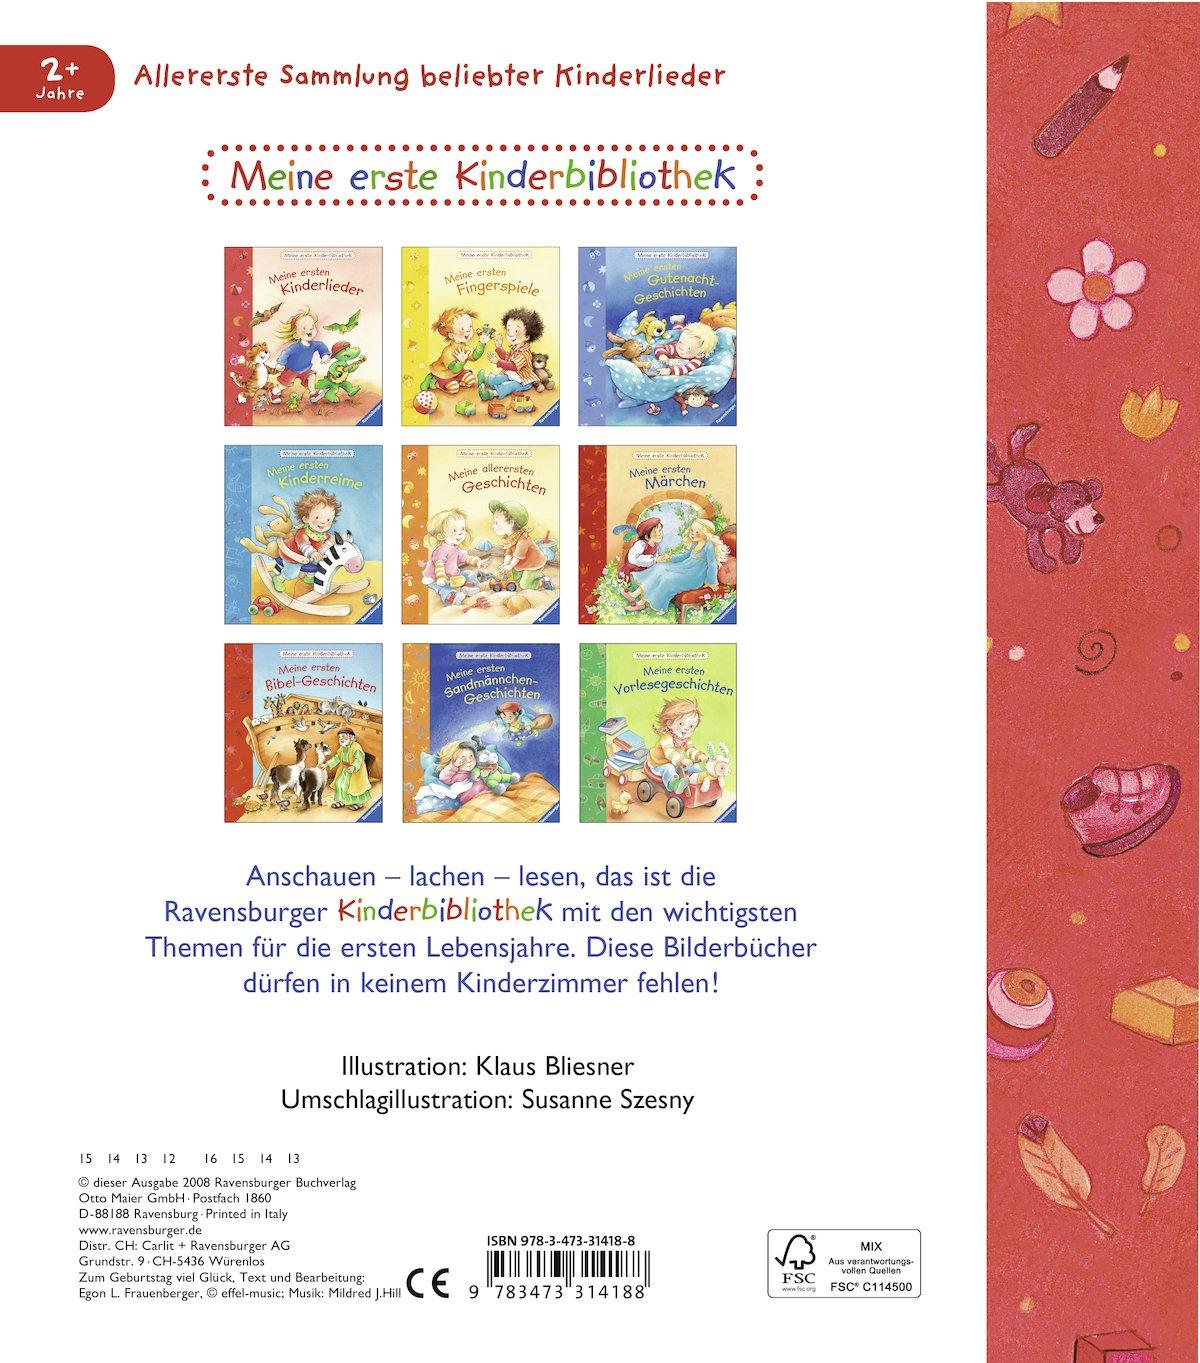 Ausgezeichnet Beispiel Lebenslauf Für Kinderbibliothekar Ideen ...